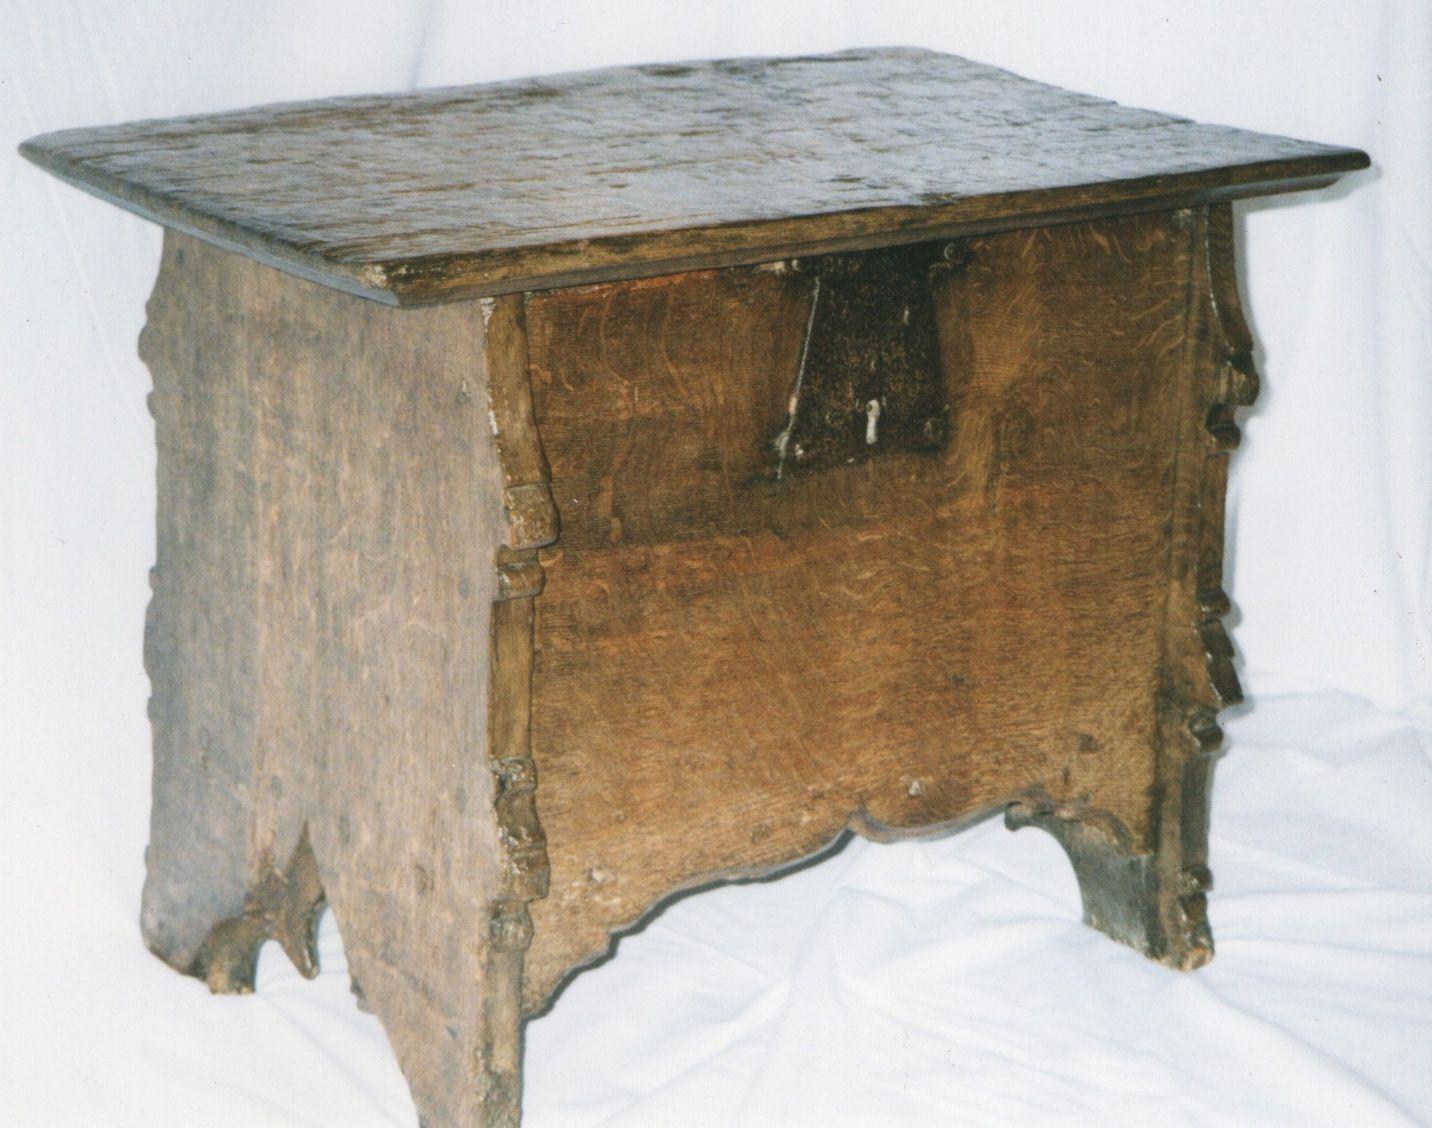 Gothic box stool marhamchurch antiques medieval chests gotische m bel m bel truhe - Ausgefallene wohnzimmermobel ...